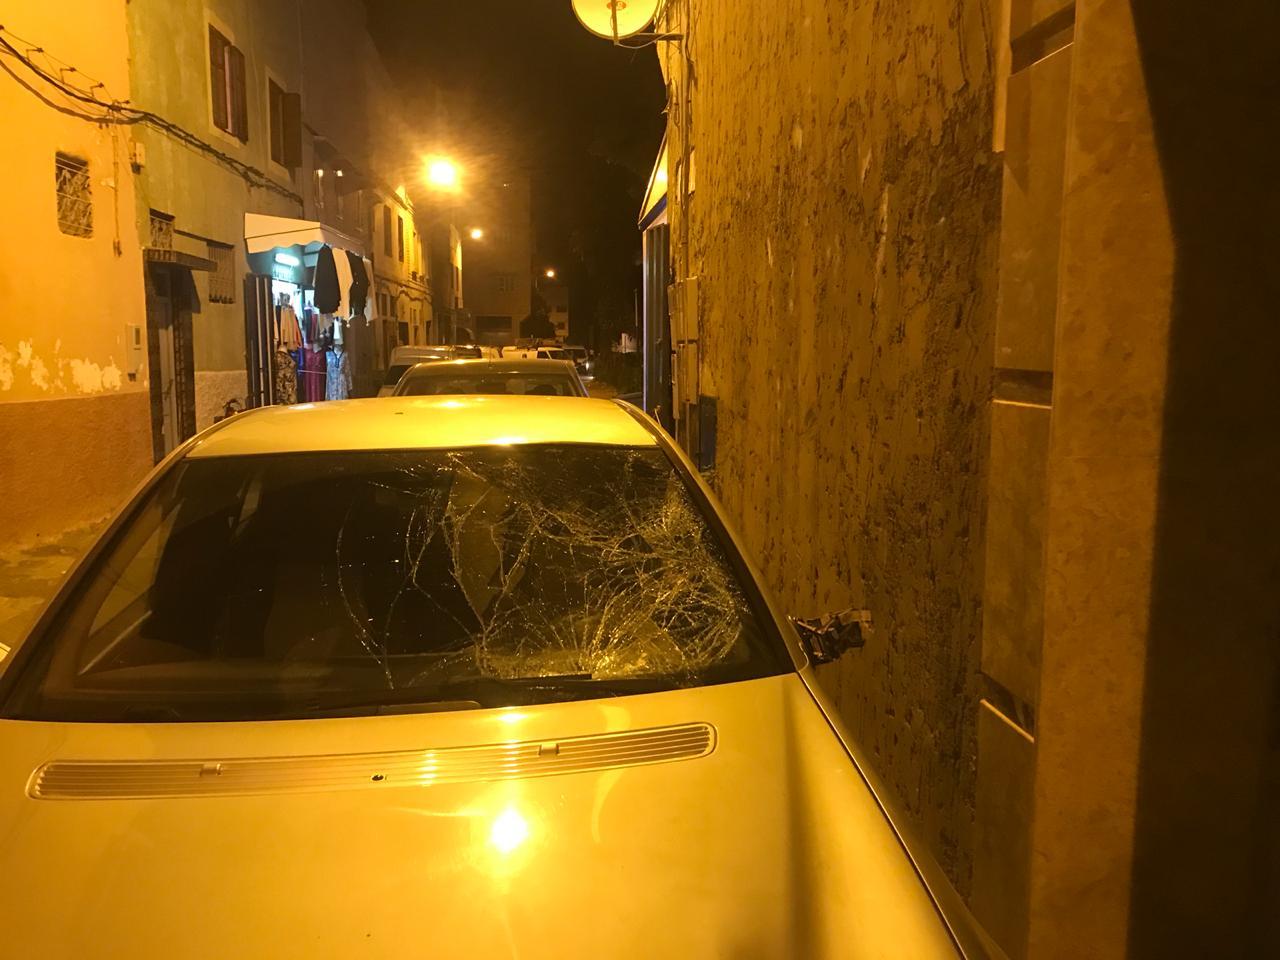 اعتقال سائق سيارة  بالمحمدية  فر بعد  قتله لتلميذة وإرسال زميلها في غيبوبة بجماعة الشلالات